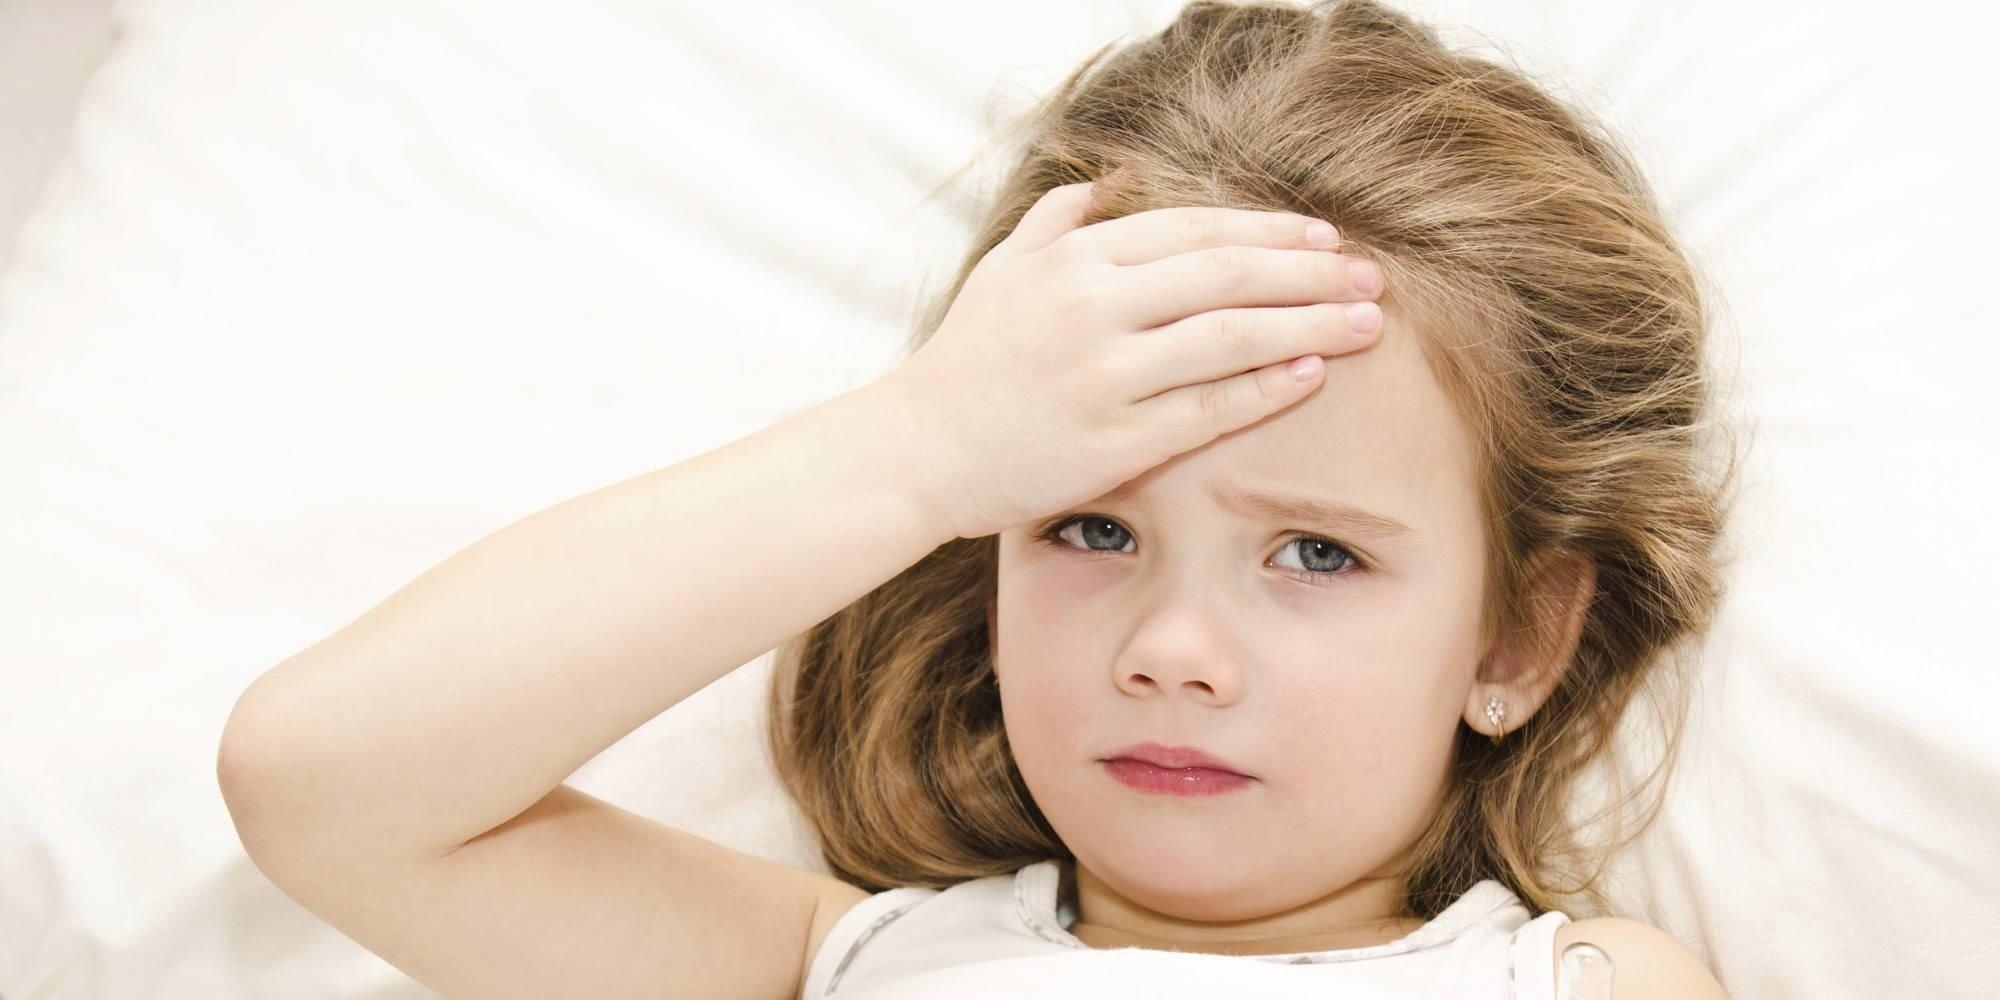 Dấu hiệu sốt siêu vi ở trẻ nhỏ mà các phụ huynh nên biết